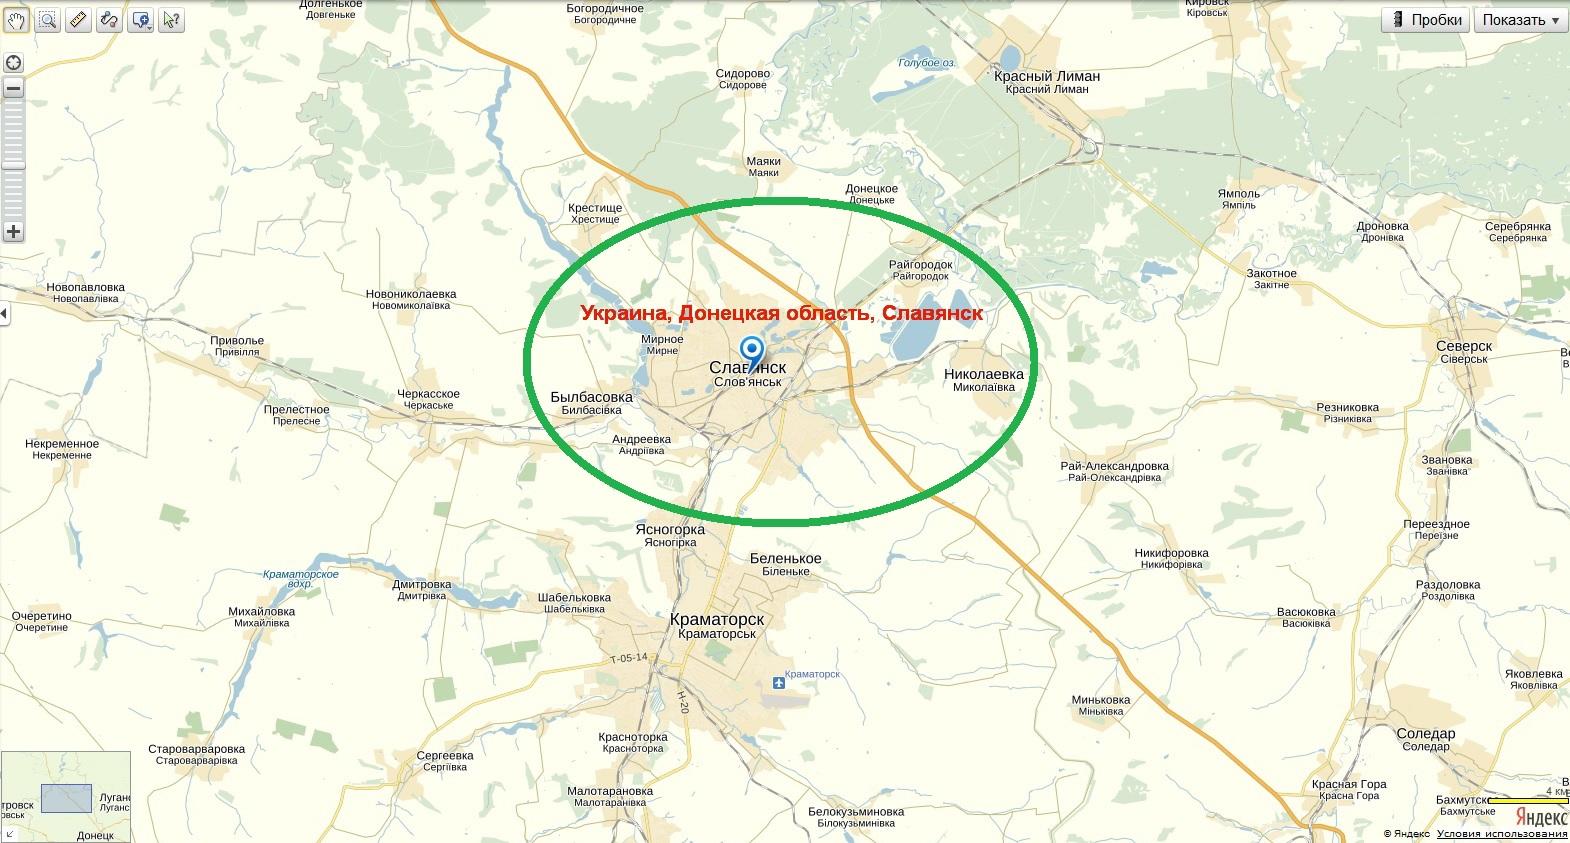 Украина, Донецкая область, Славянск